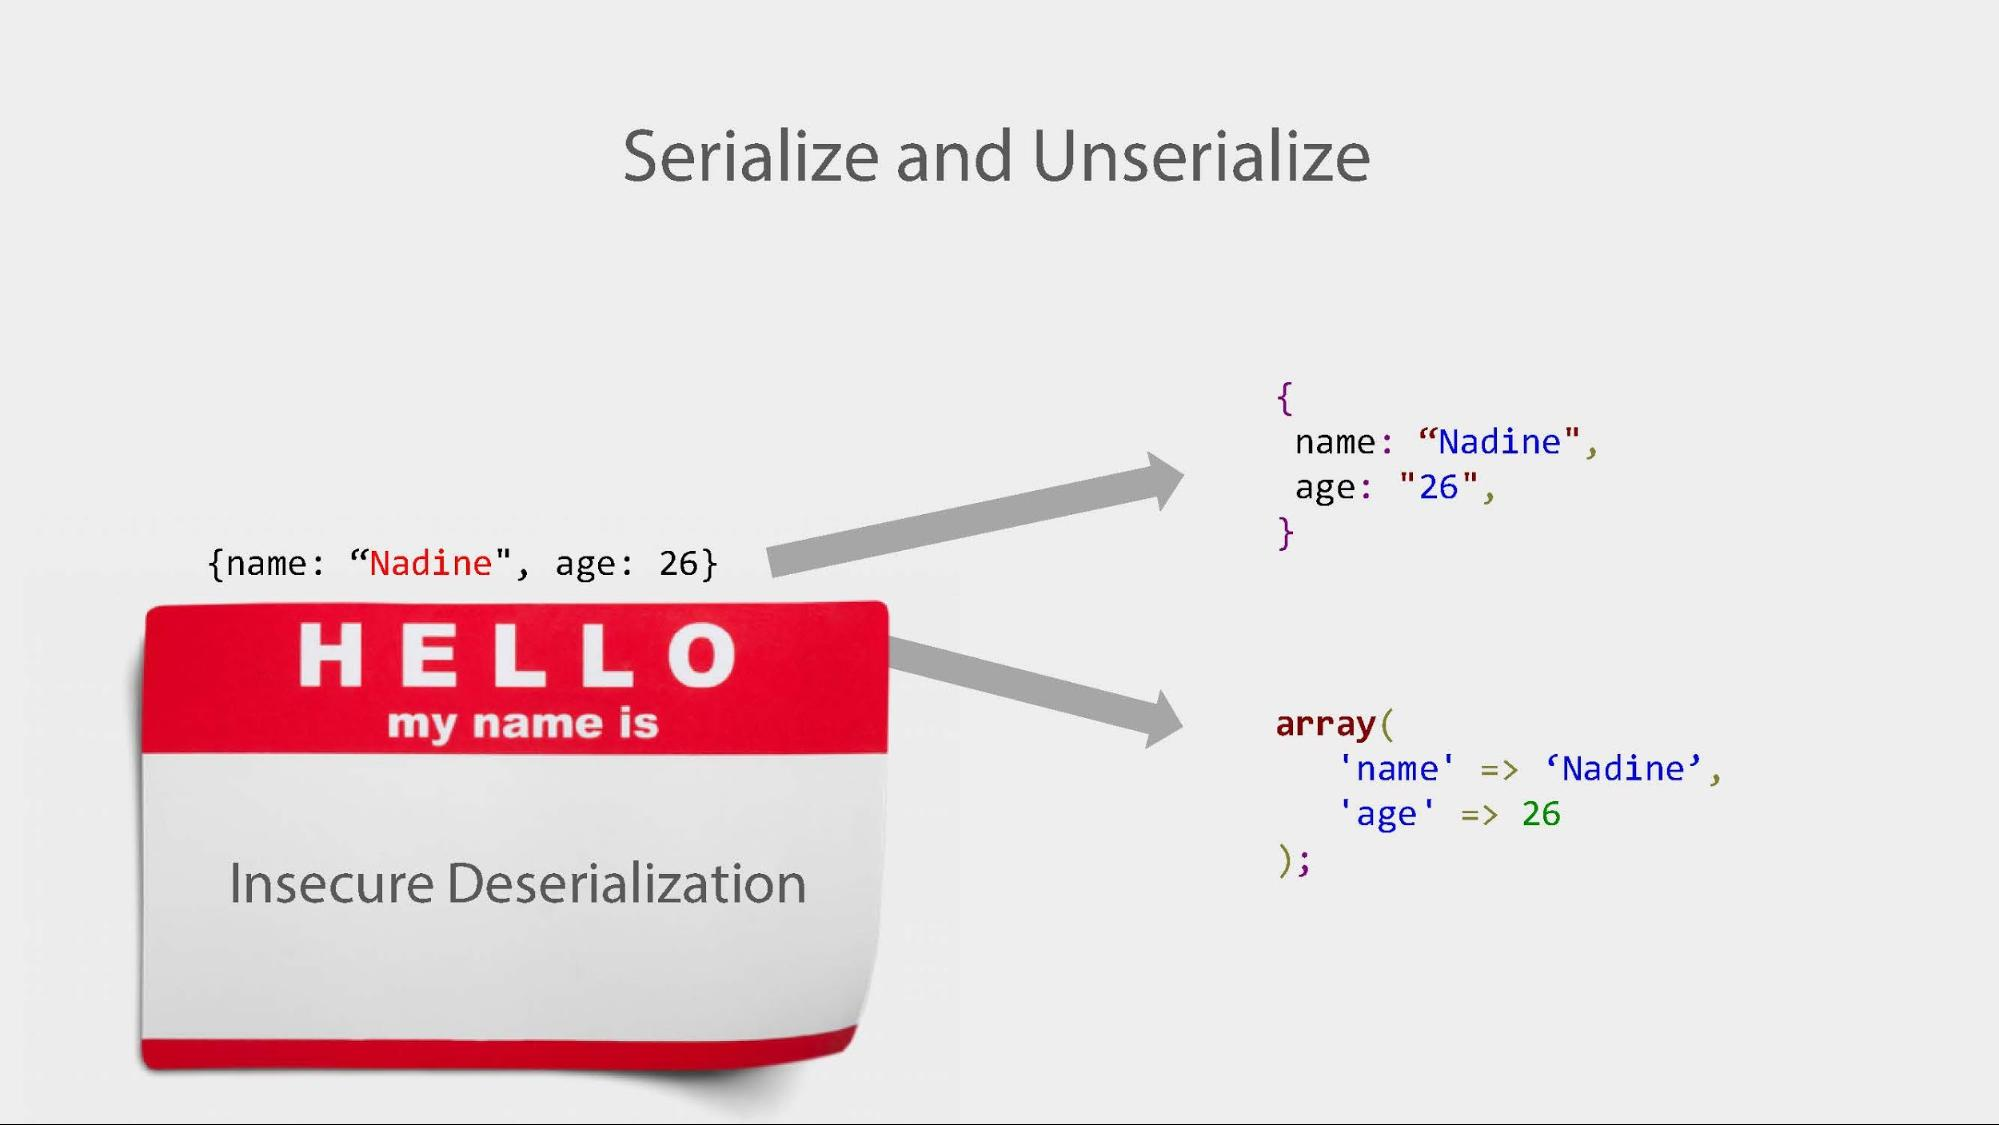 Gérer ses données sur Drupal - serialize and unserialize